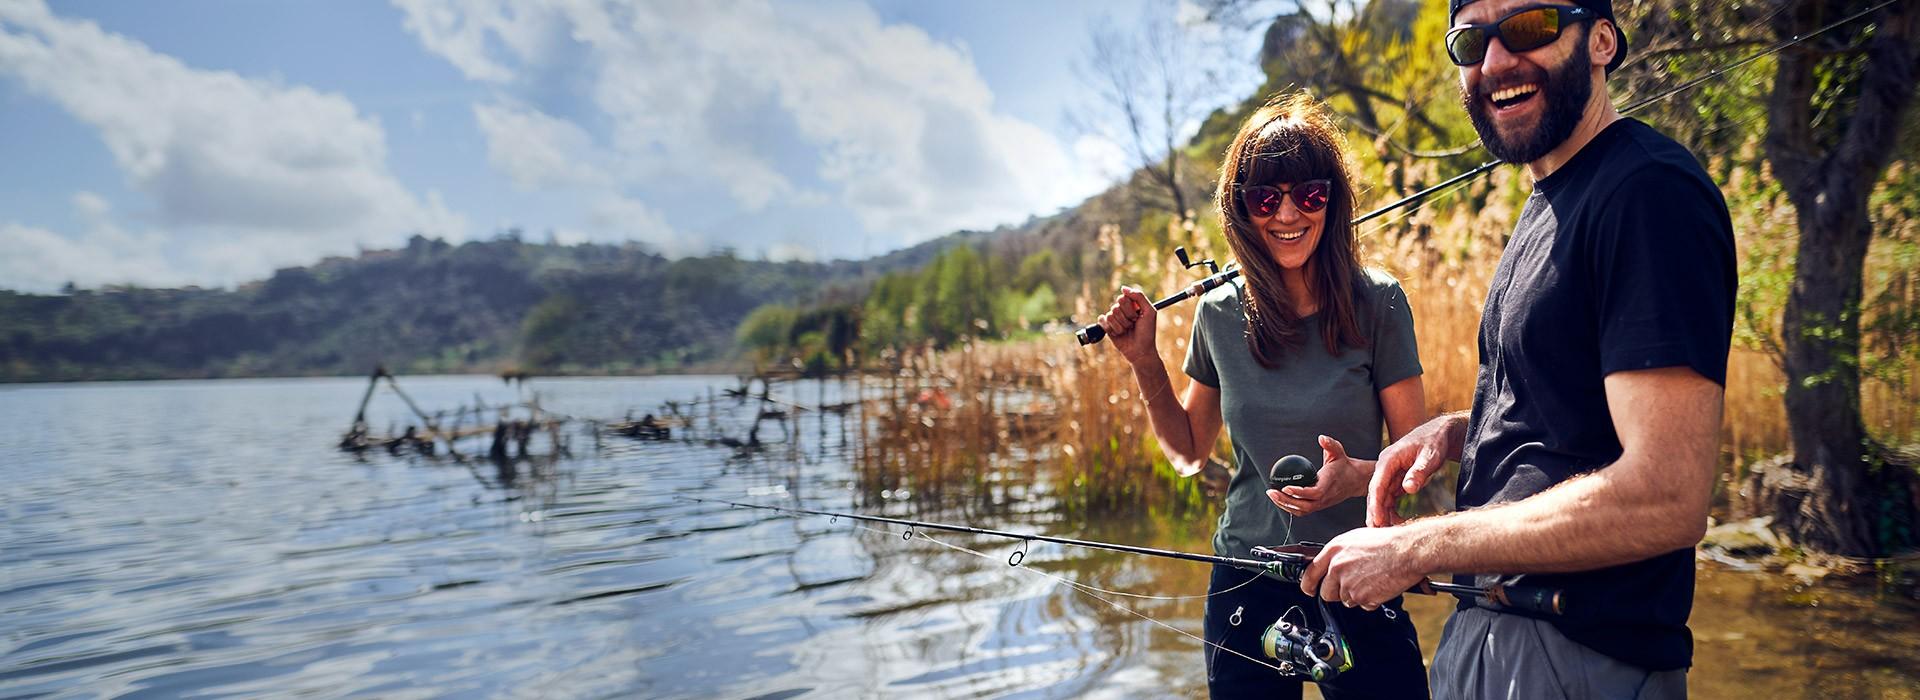 Schnappen Sie sich Ihre Angelruten und genießen Sie die Natur in Deutschland!Deeper Sonar- jetzt ab 189,99 EUR!